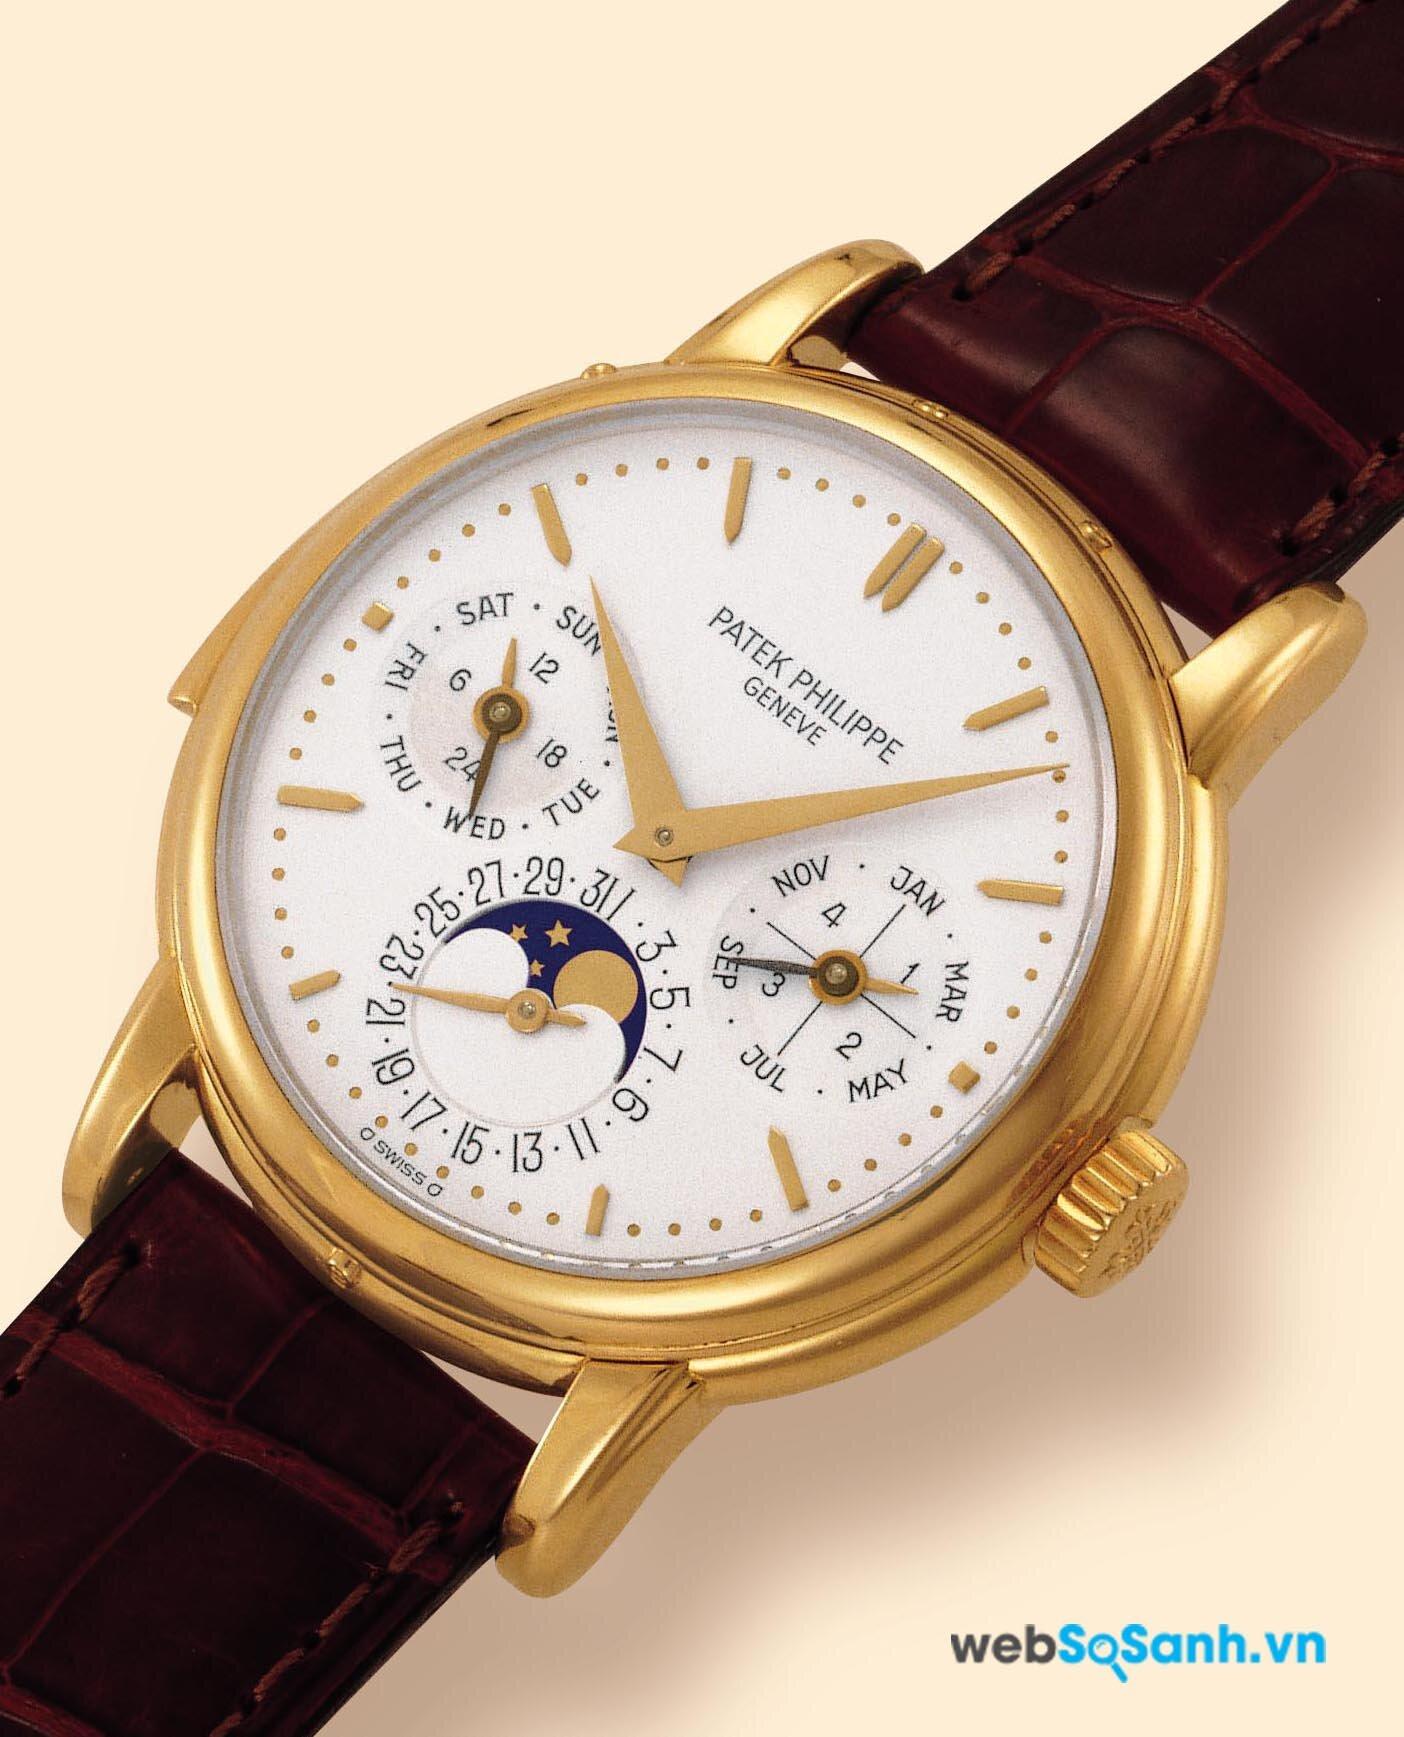 Một chiếc đồng hồ Patek